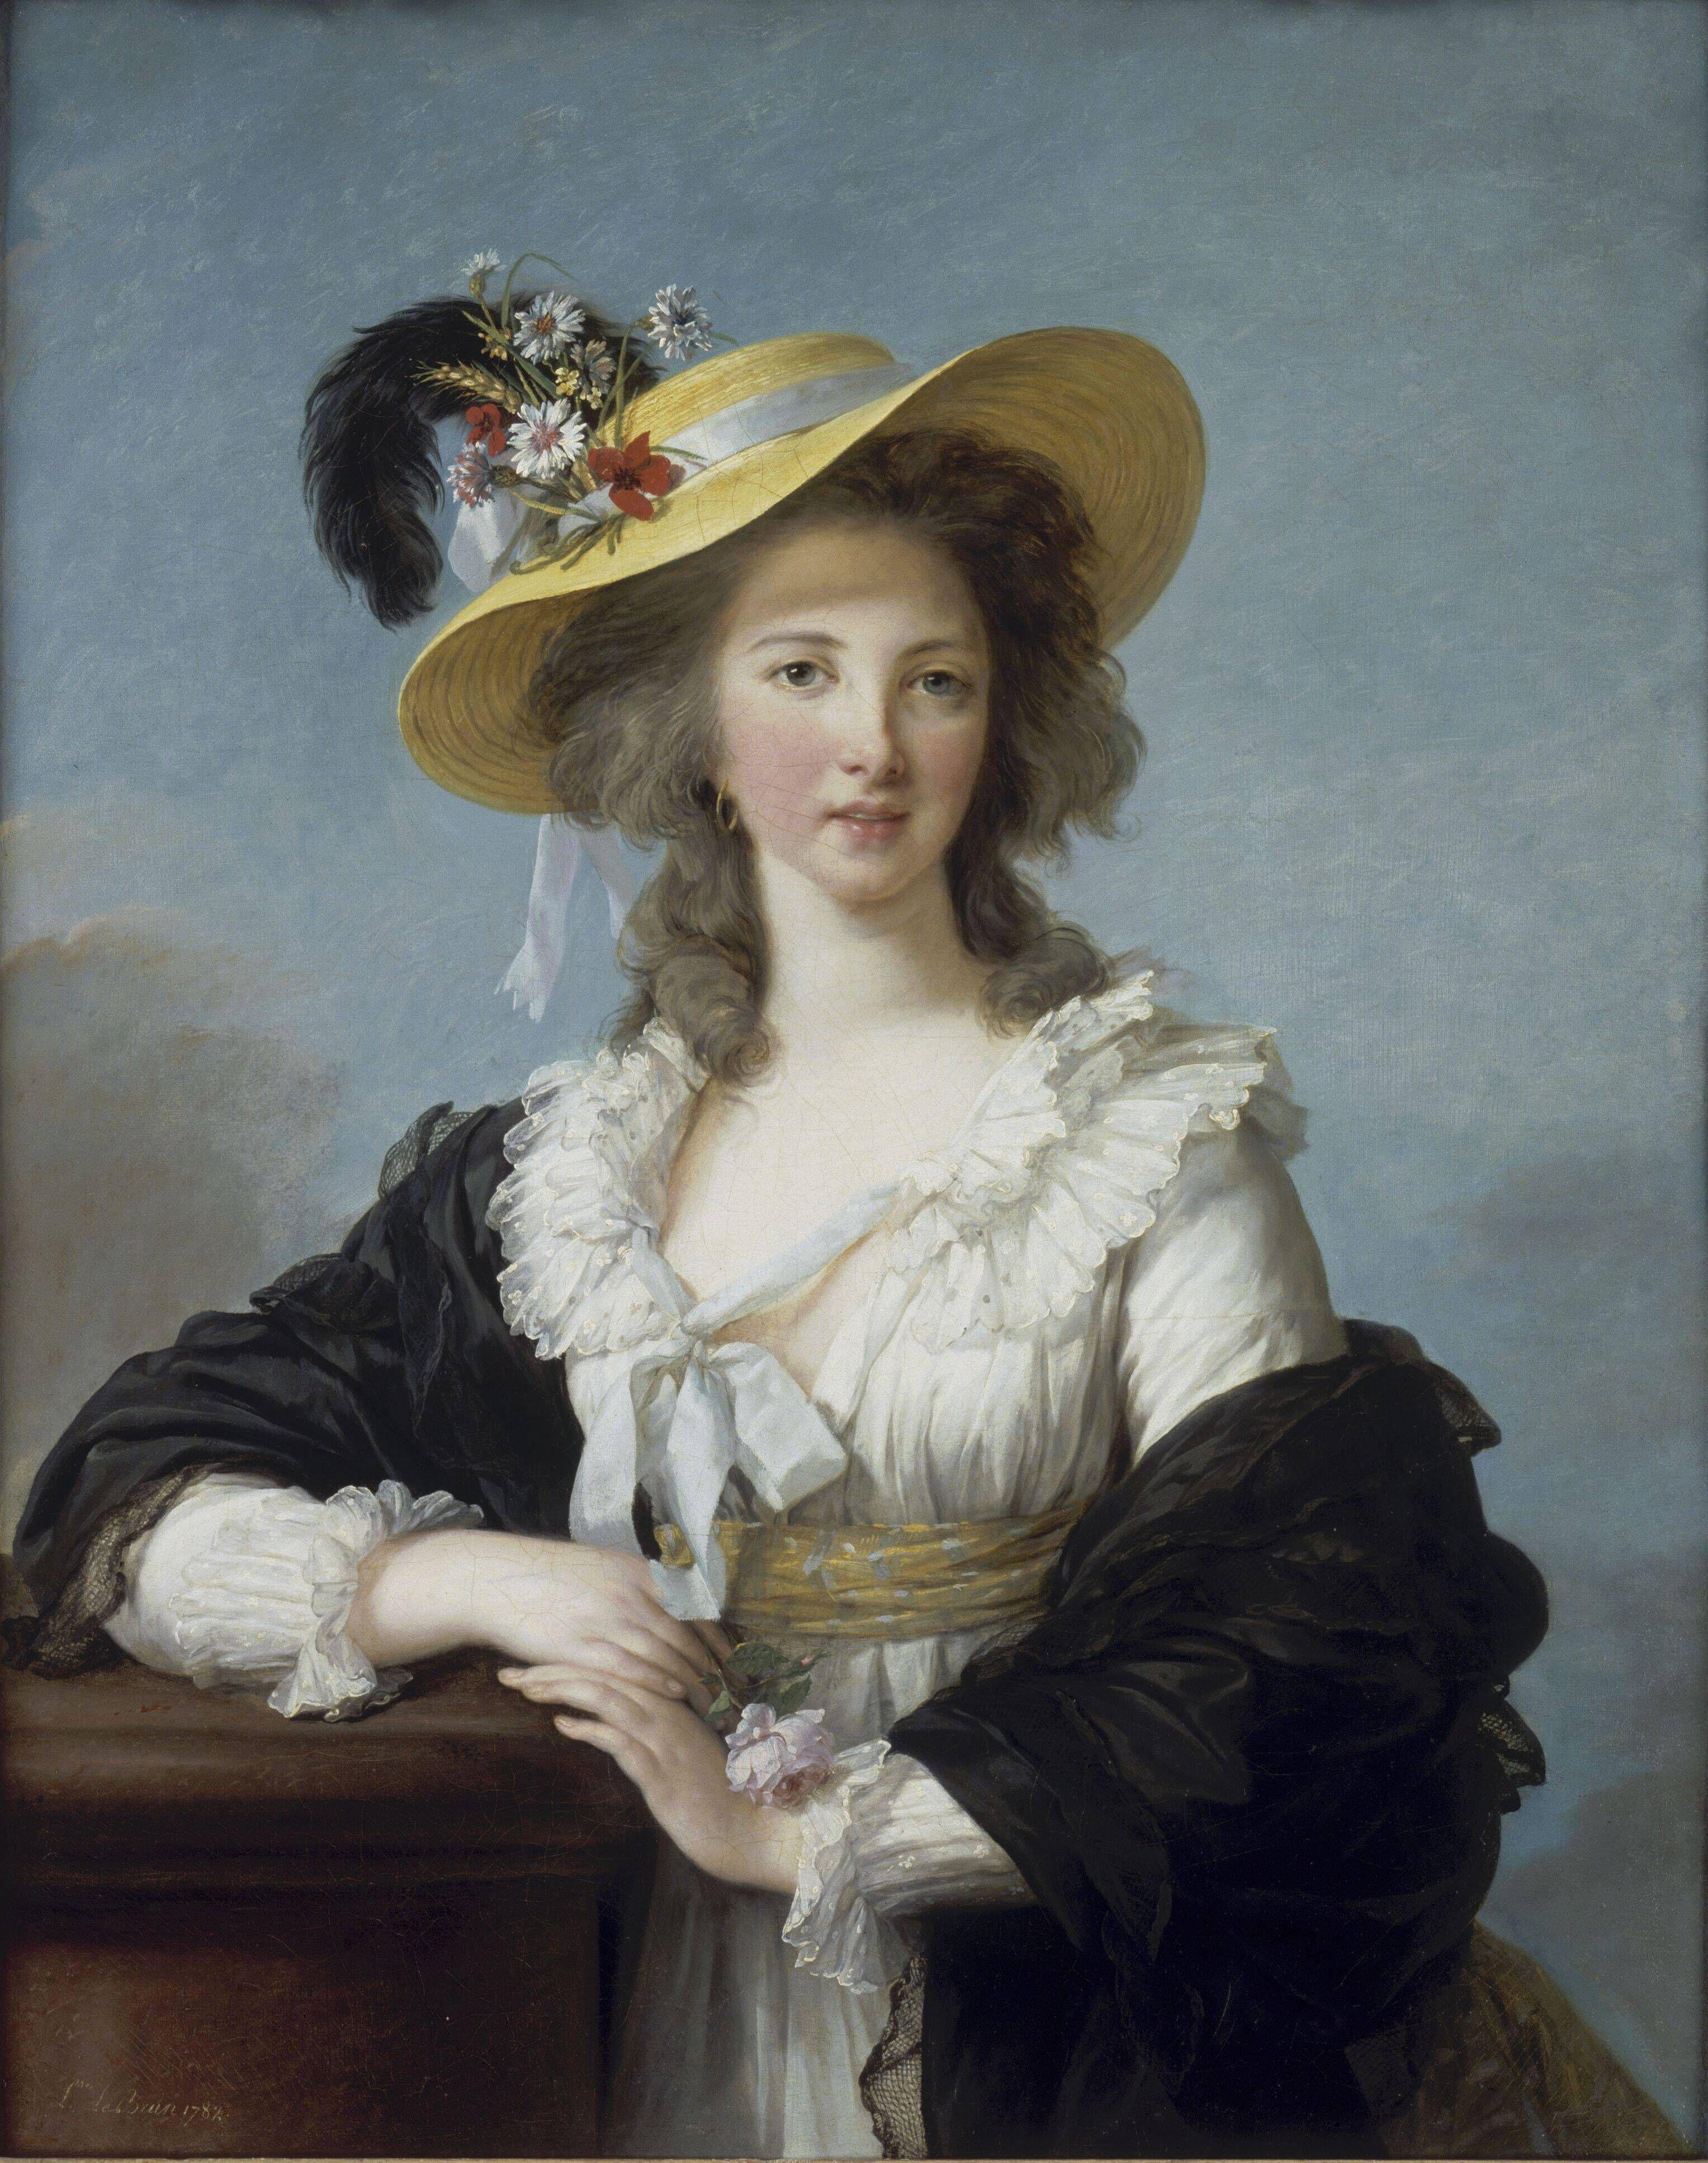 Э. Виже-Лебрен. Портрет герцогини де Полиньяк